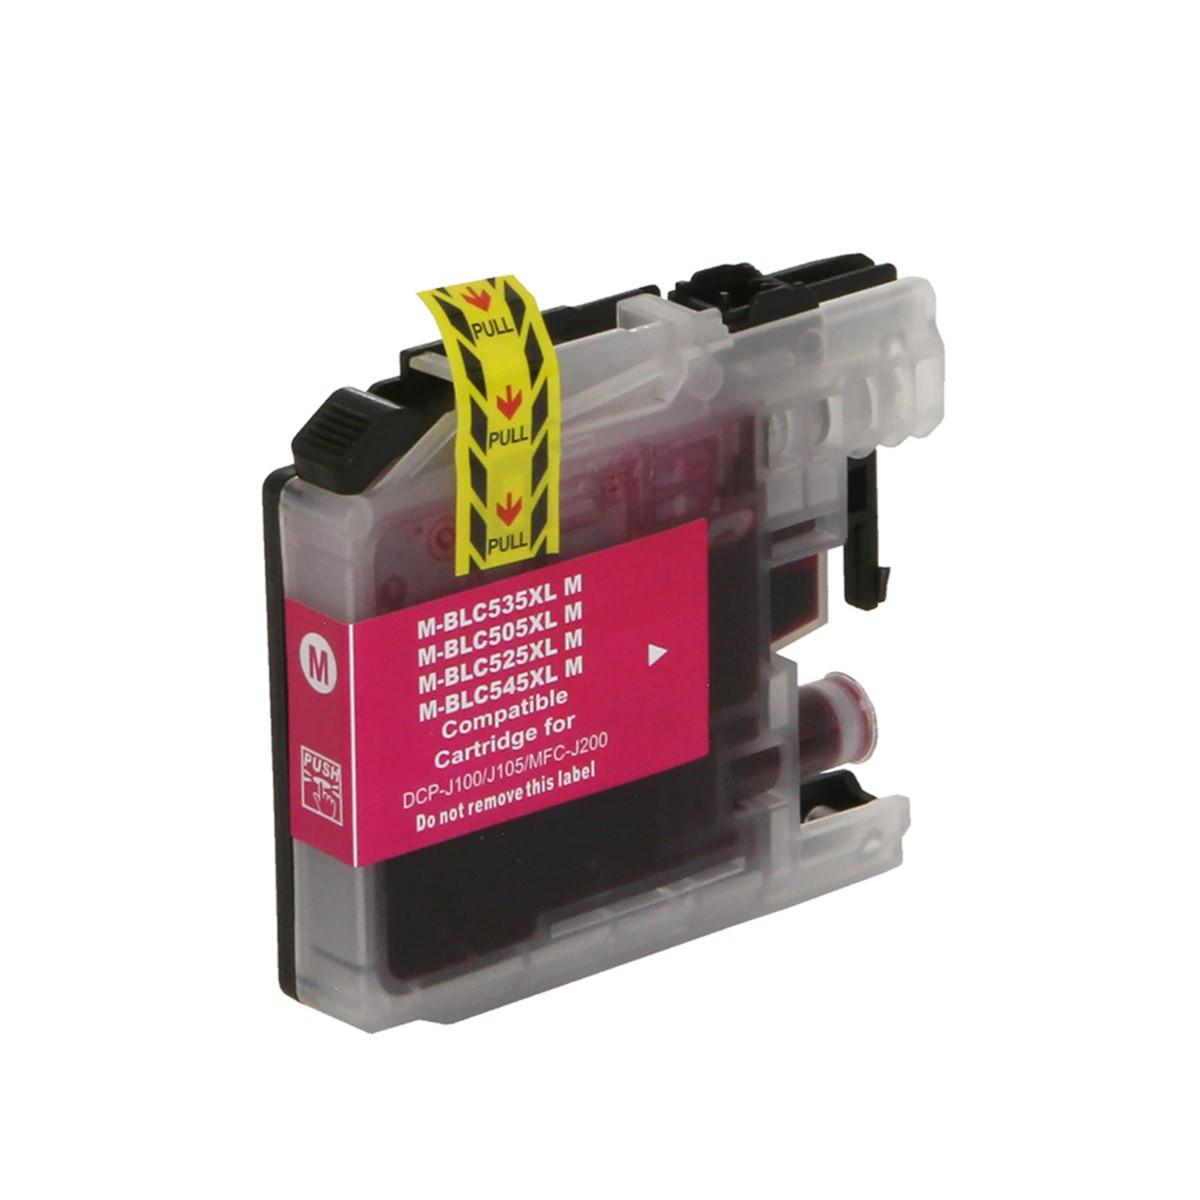 Cartucho de Tinta Compatível com Brother LC-505M LC505 Magenta | DCP-J105 DCP-J100 MFC-J200 11ml